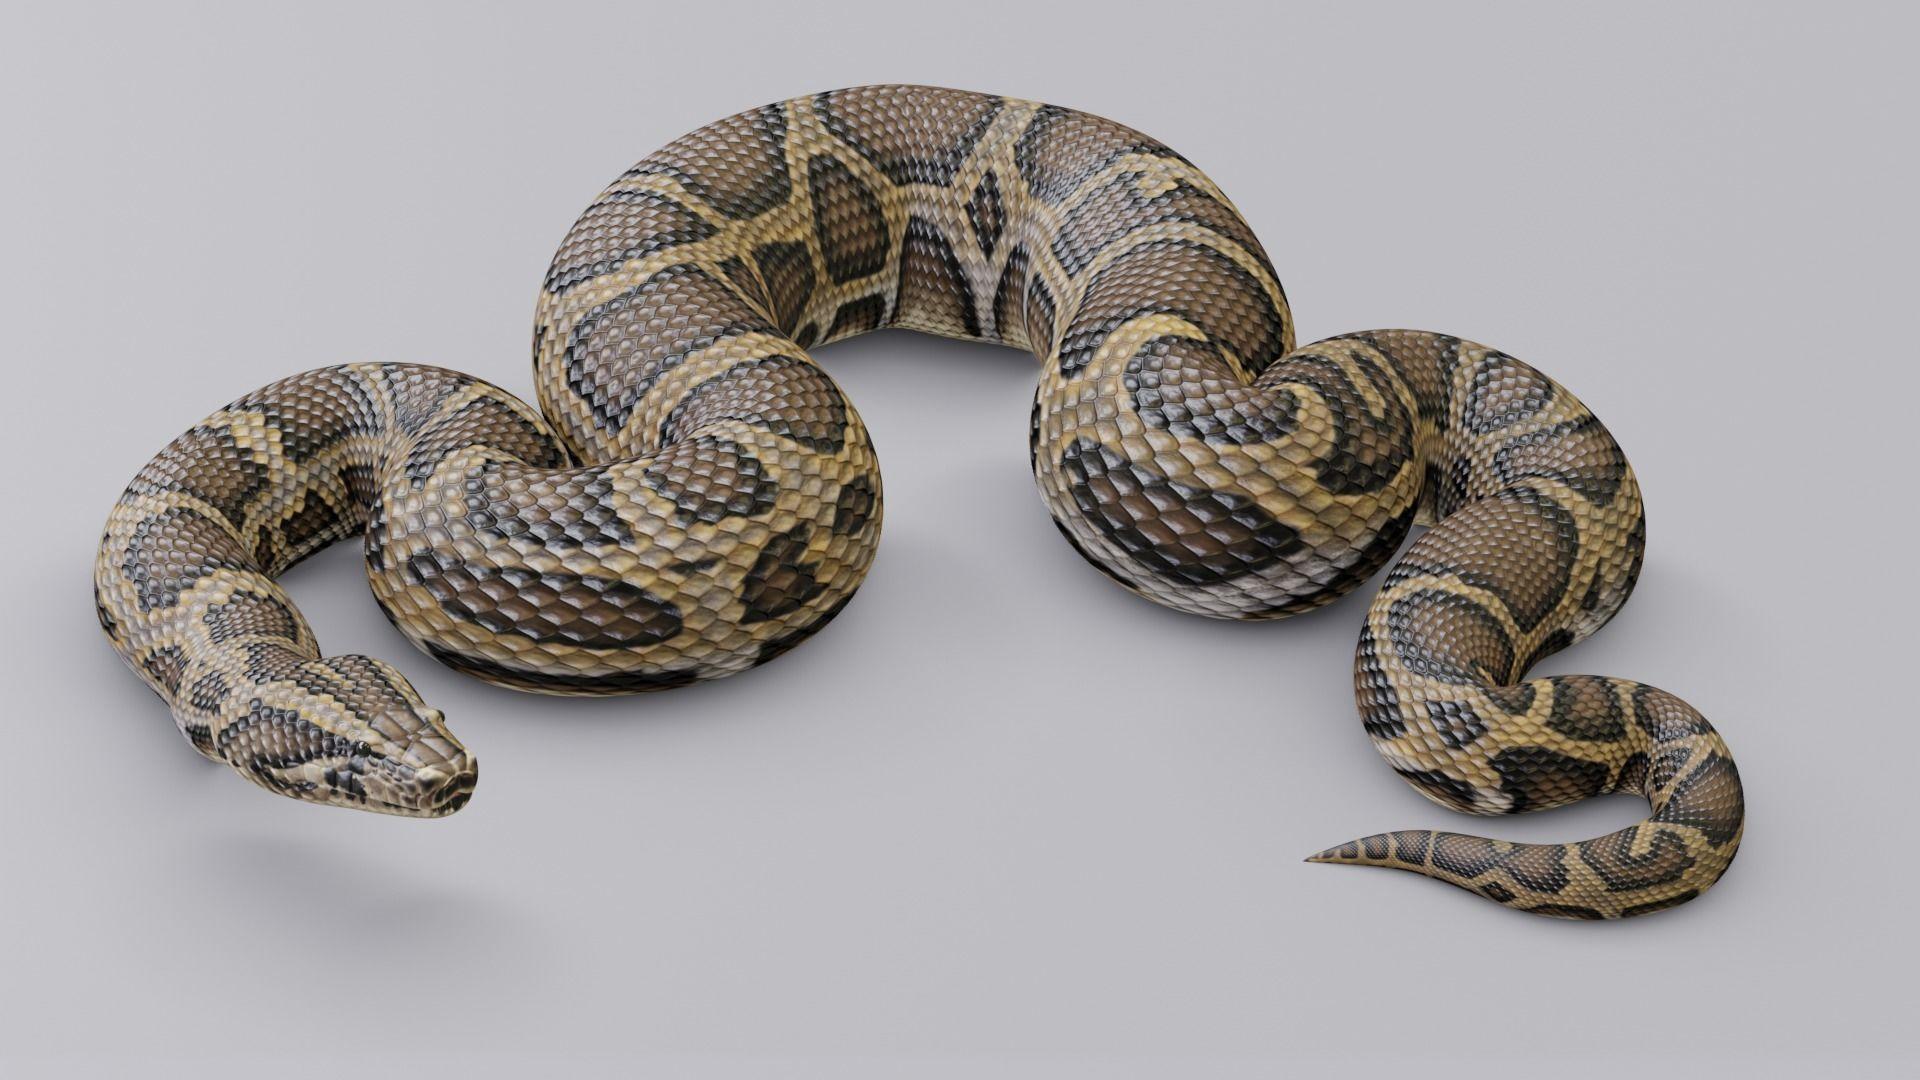 Animated Burmese Python